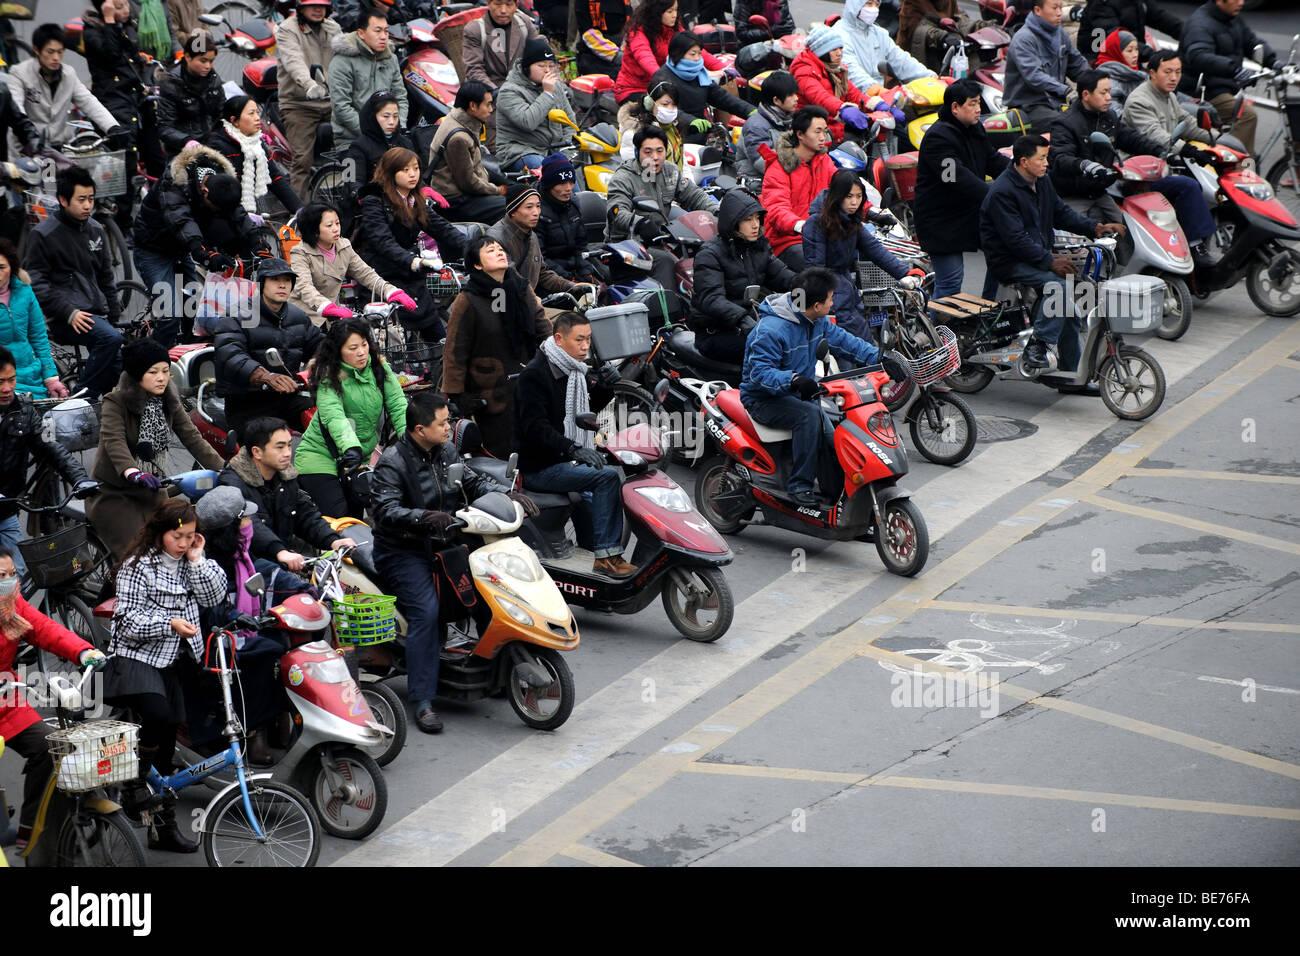 Multitud de bicicletas y motos cruzando en Shanghai, China Foto de stock